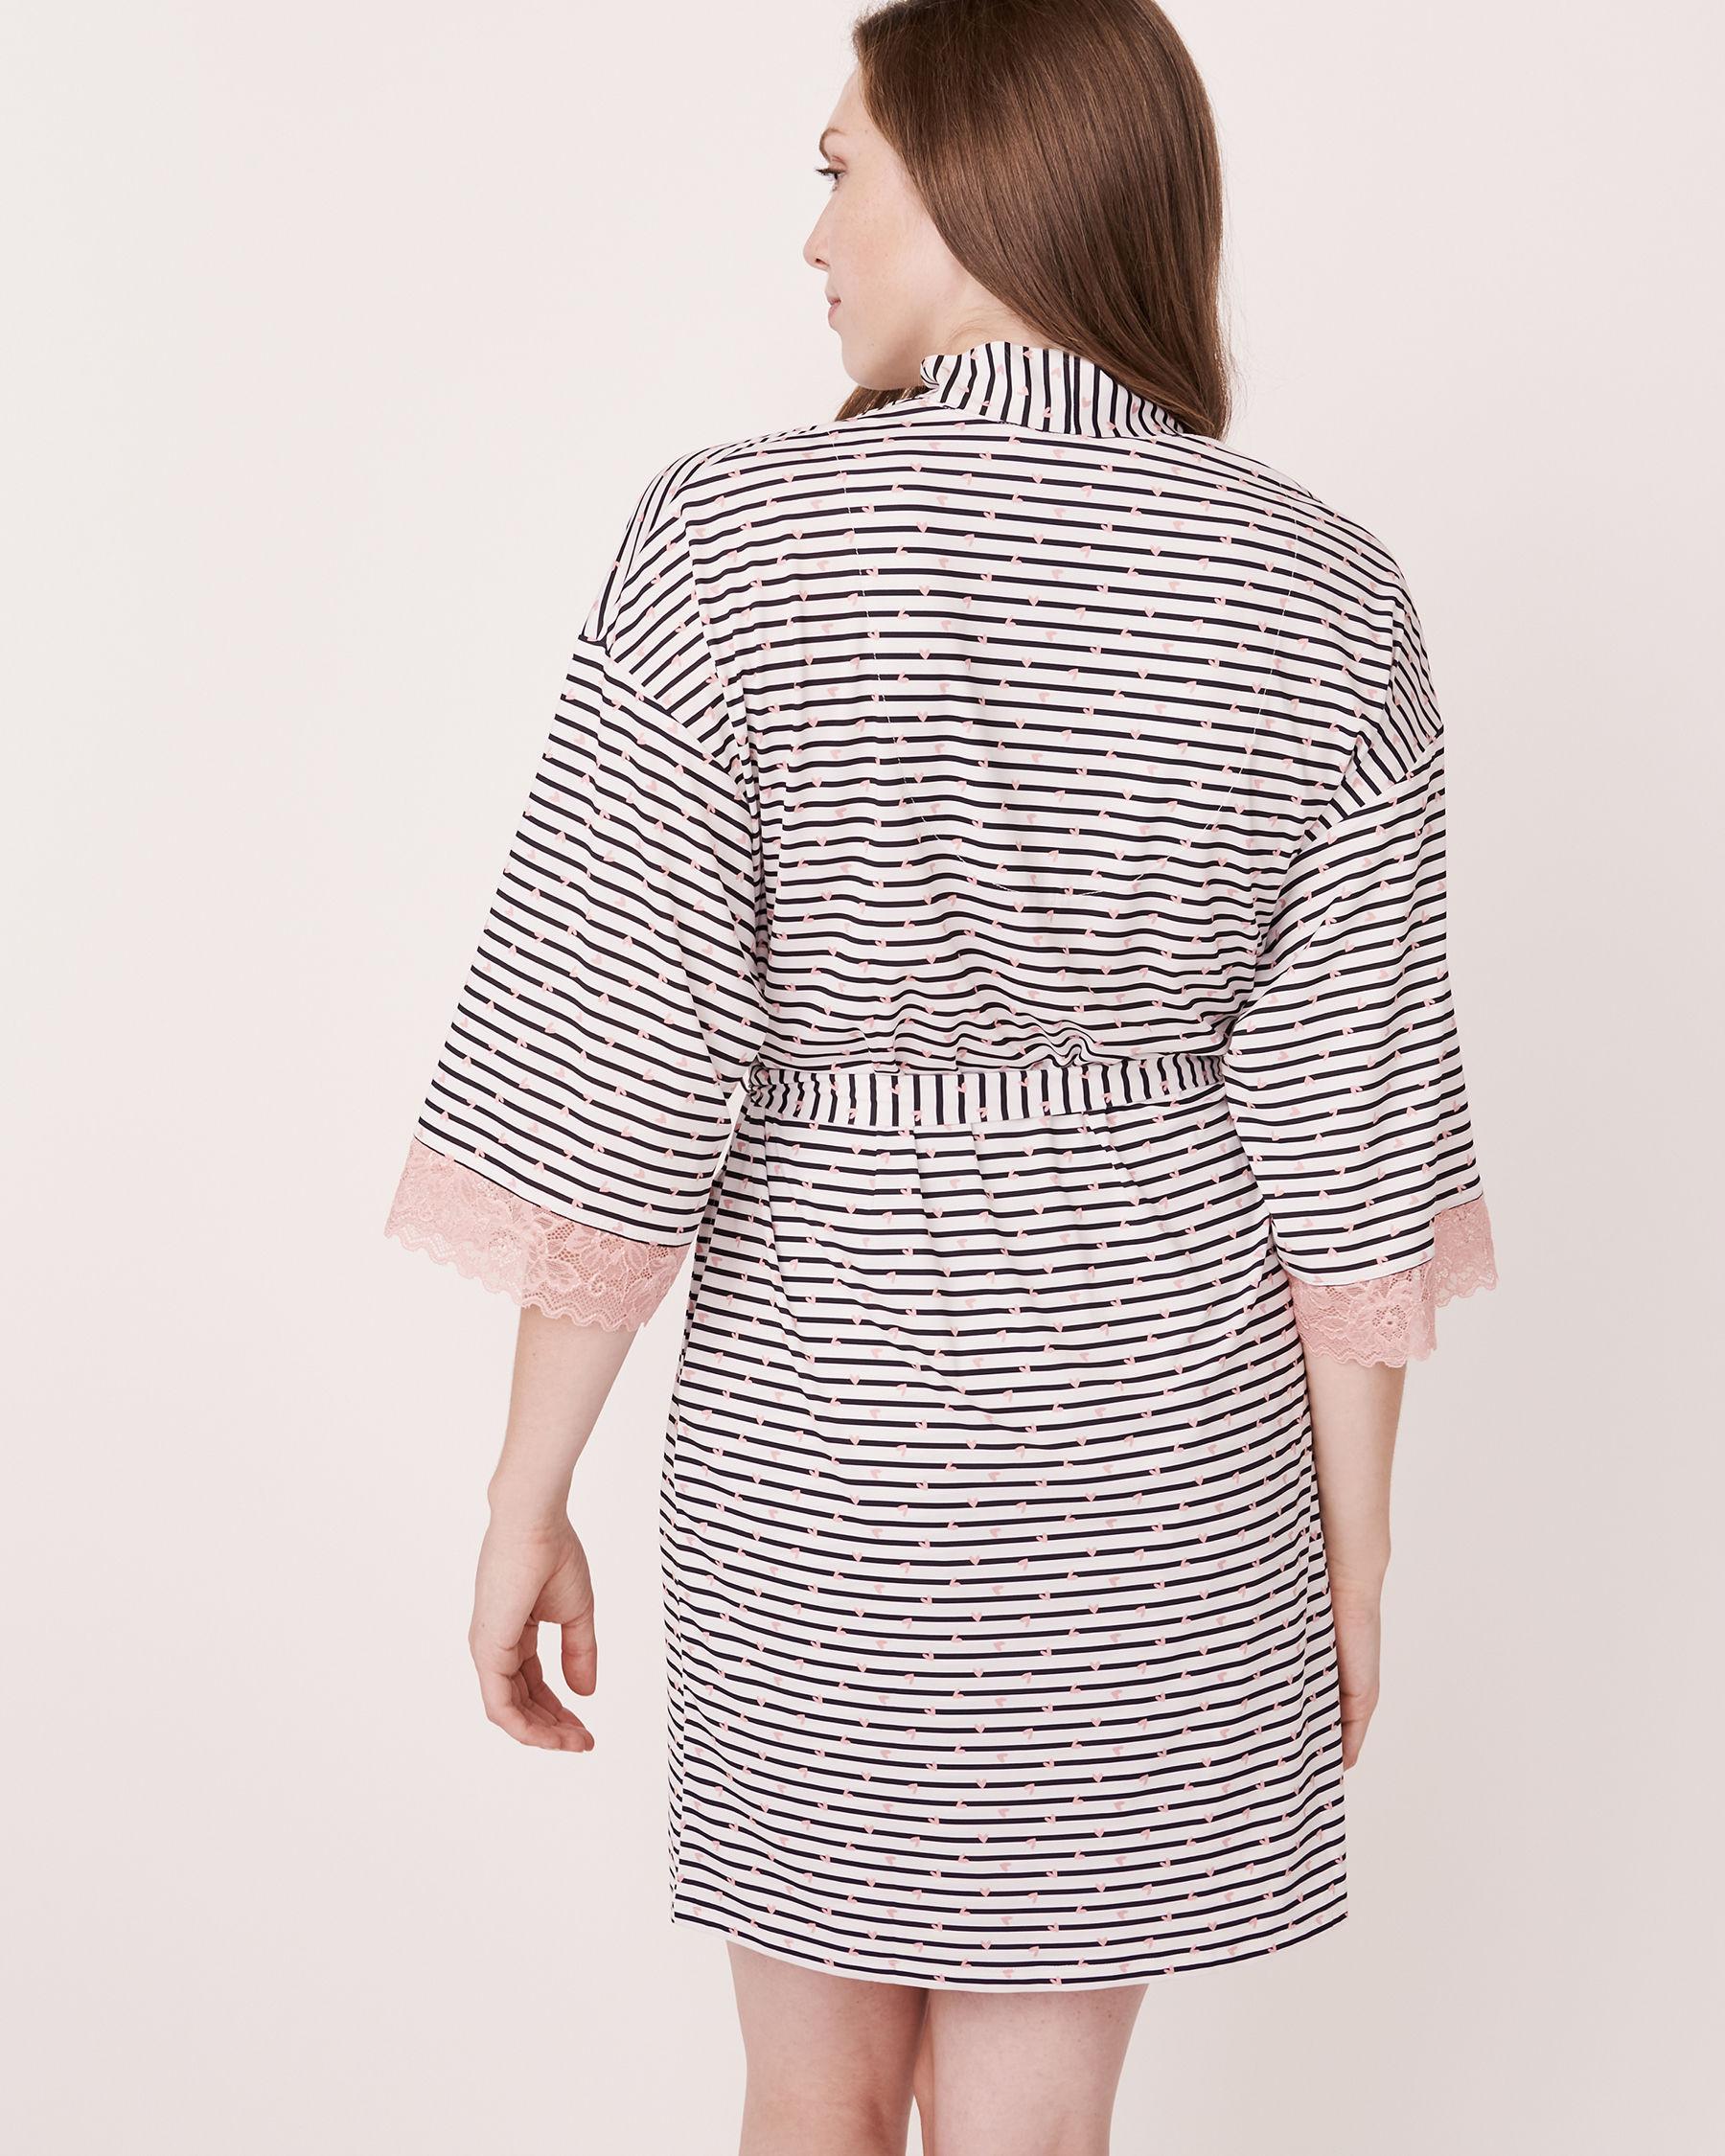 LA VIE EN ROSE Recycled Fibers Lace Trim Kimono Heart and stripe 758-435-0-11 - View3